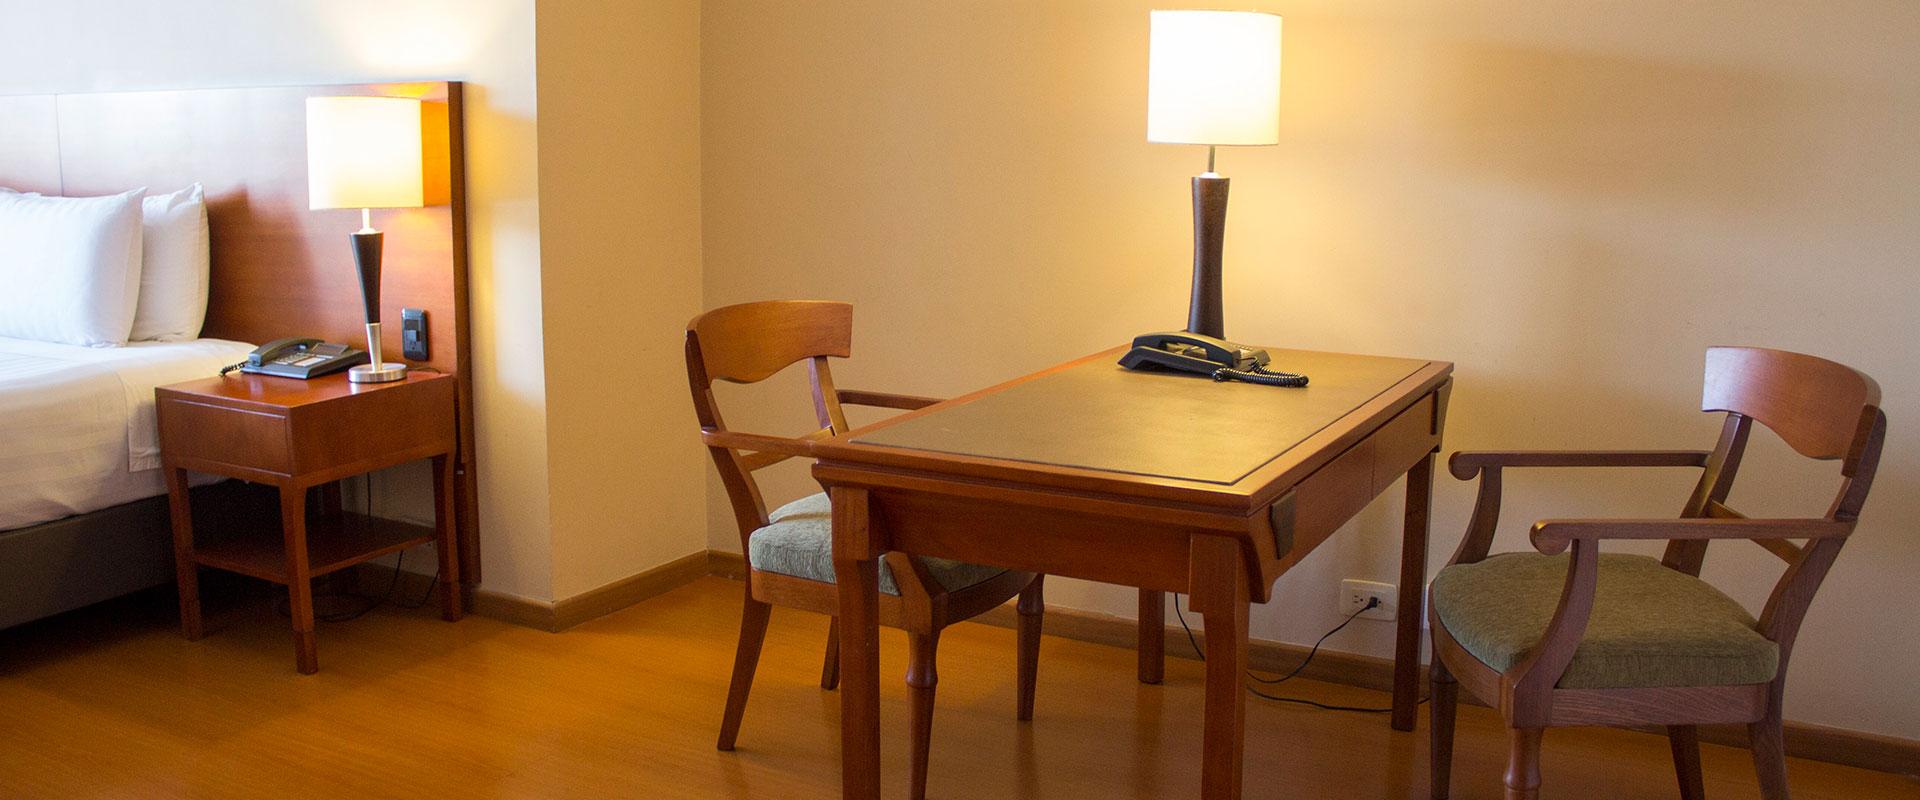 ES-Suites-Jones-Habitaciones